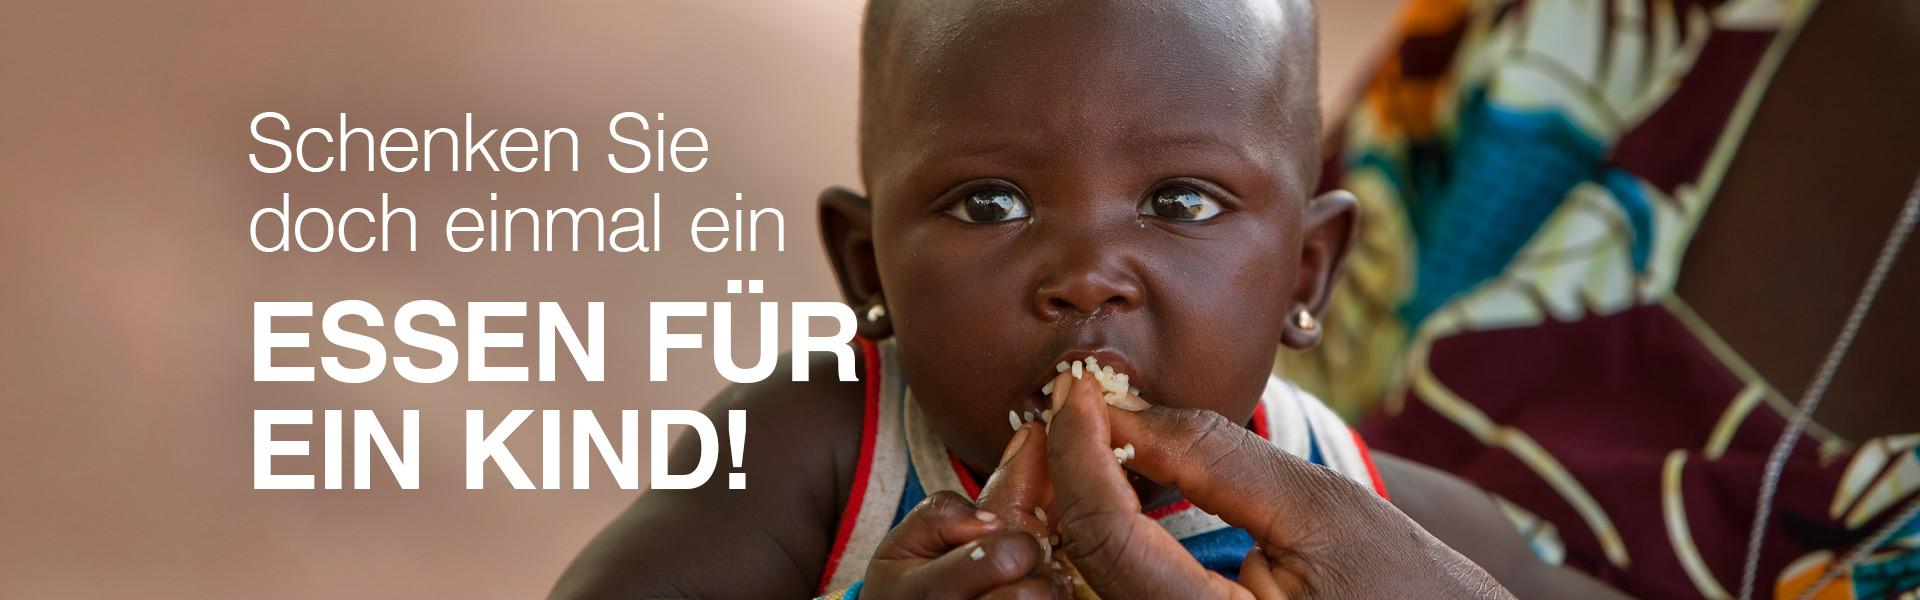 Essen für ein Kind